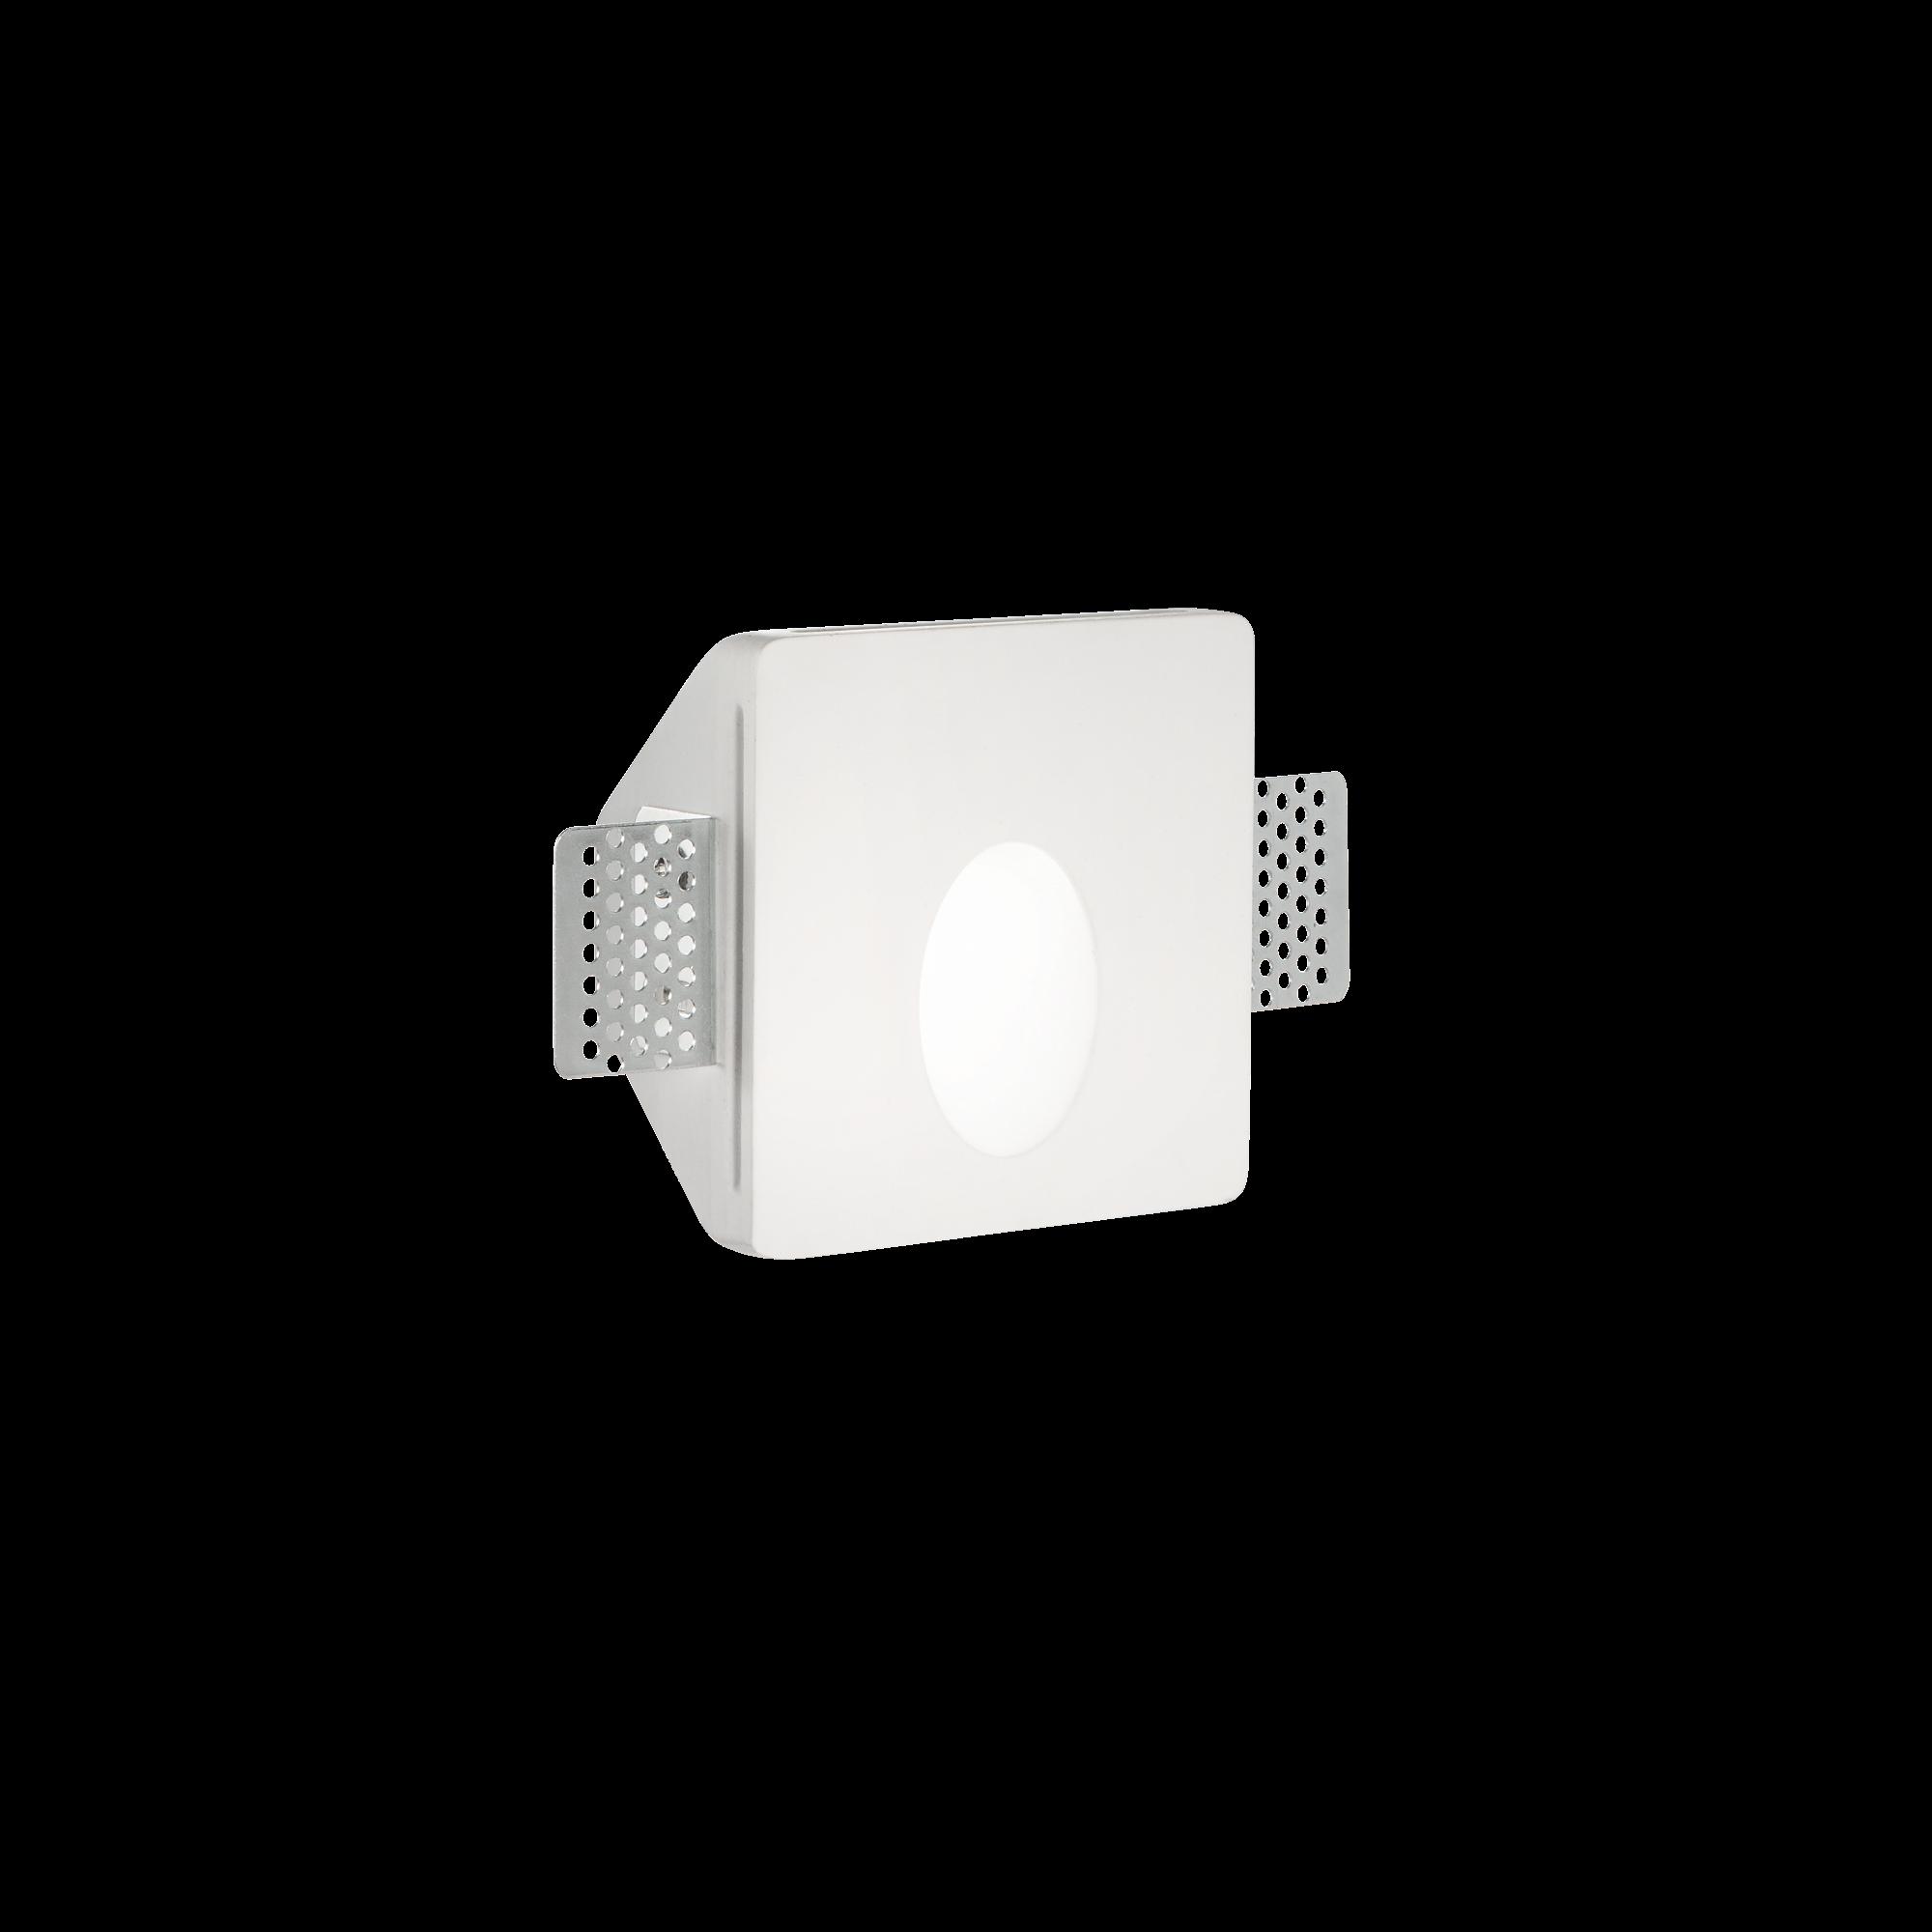 IdealLux 249834 WALKY-3 venkovní zápustné svítidlo 1W 60lm 3000K IP20 bílá